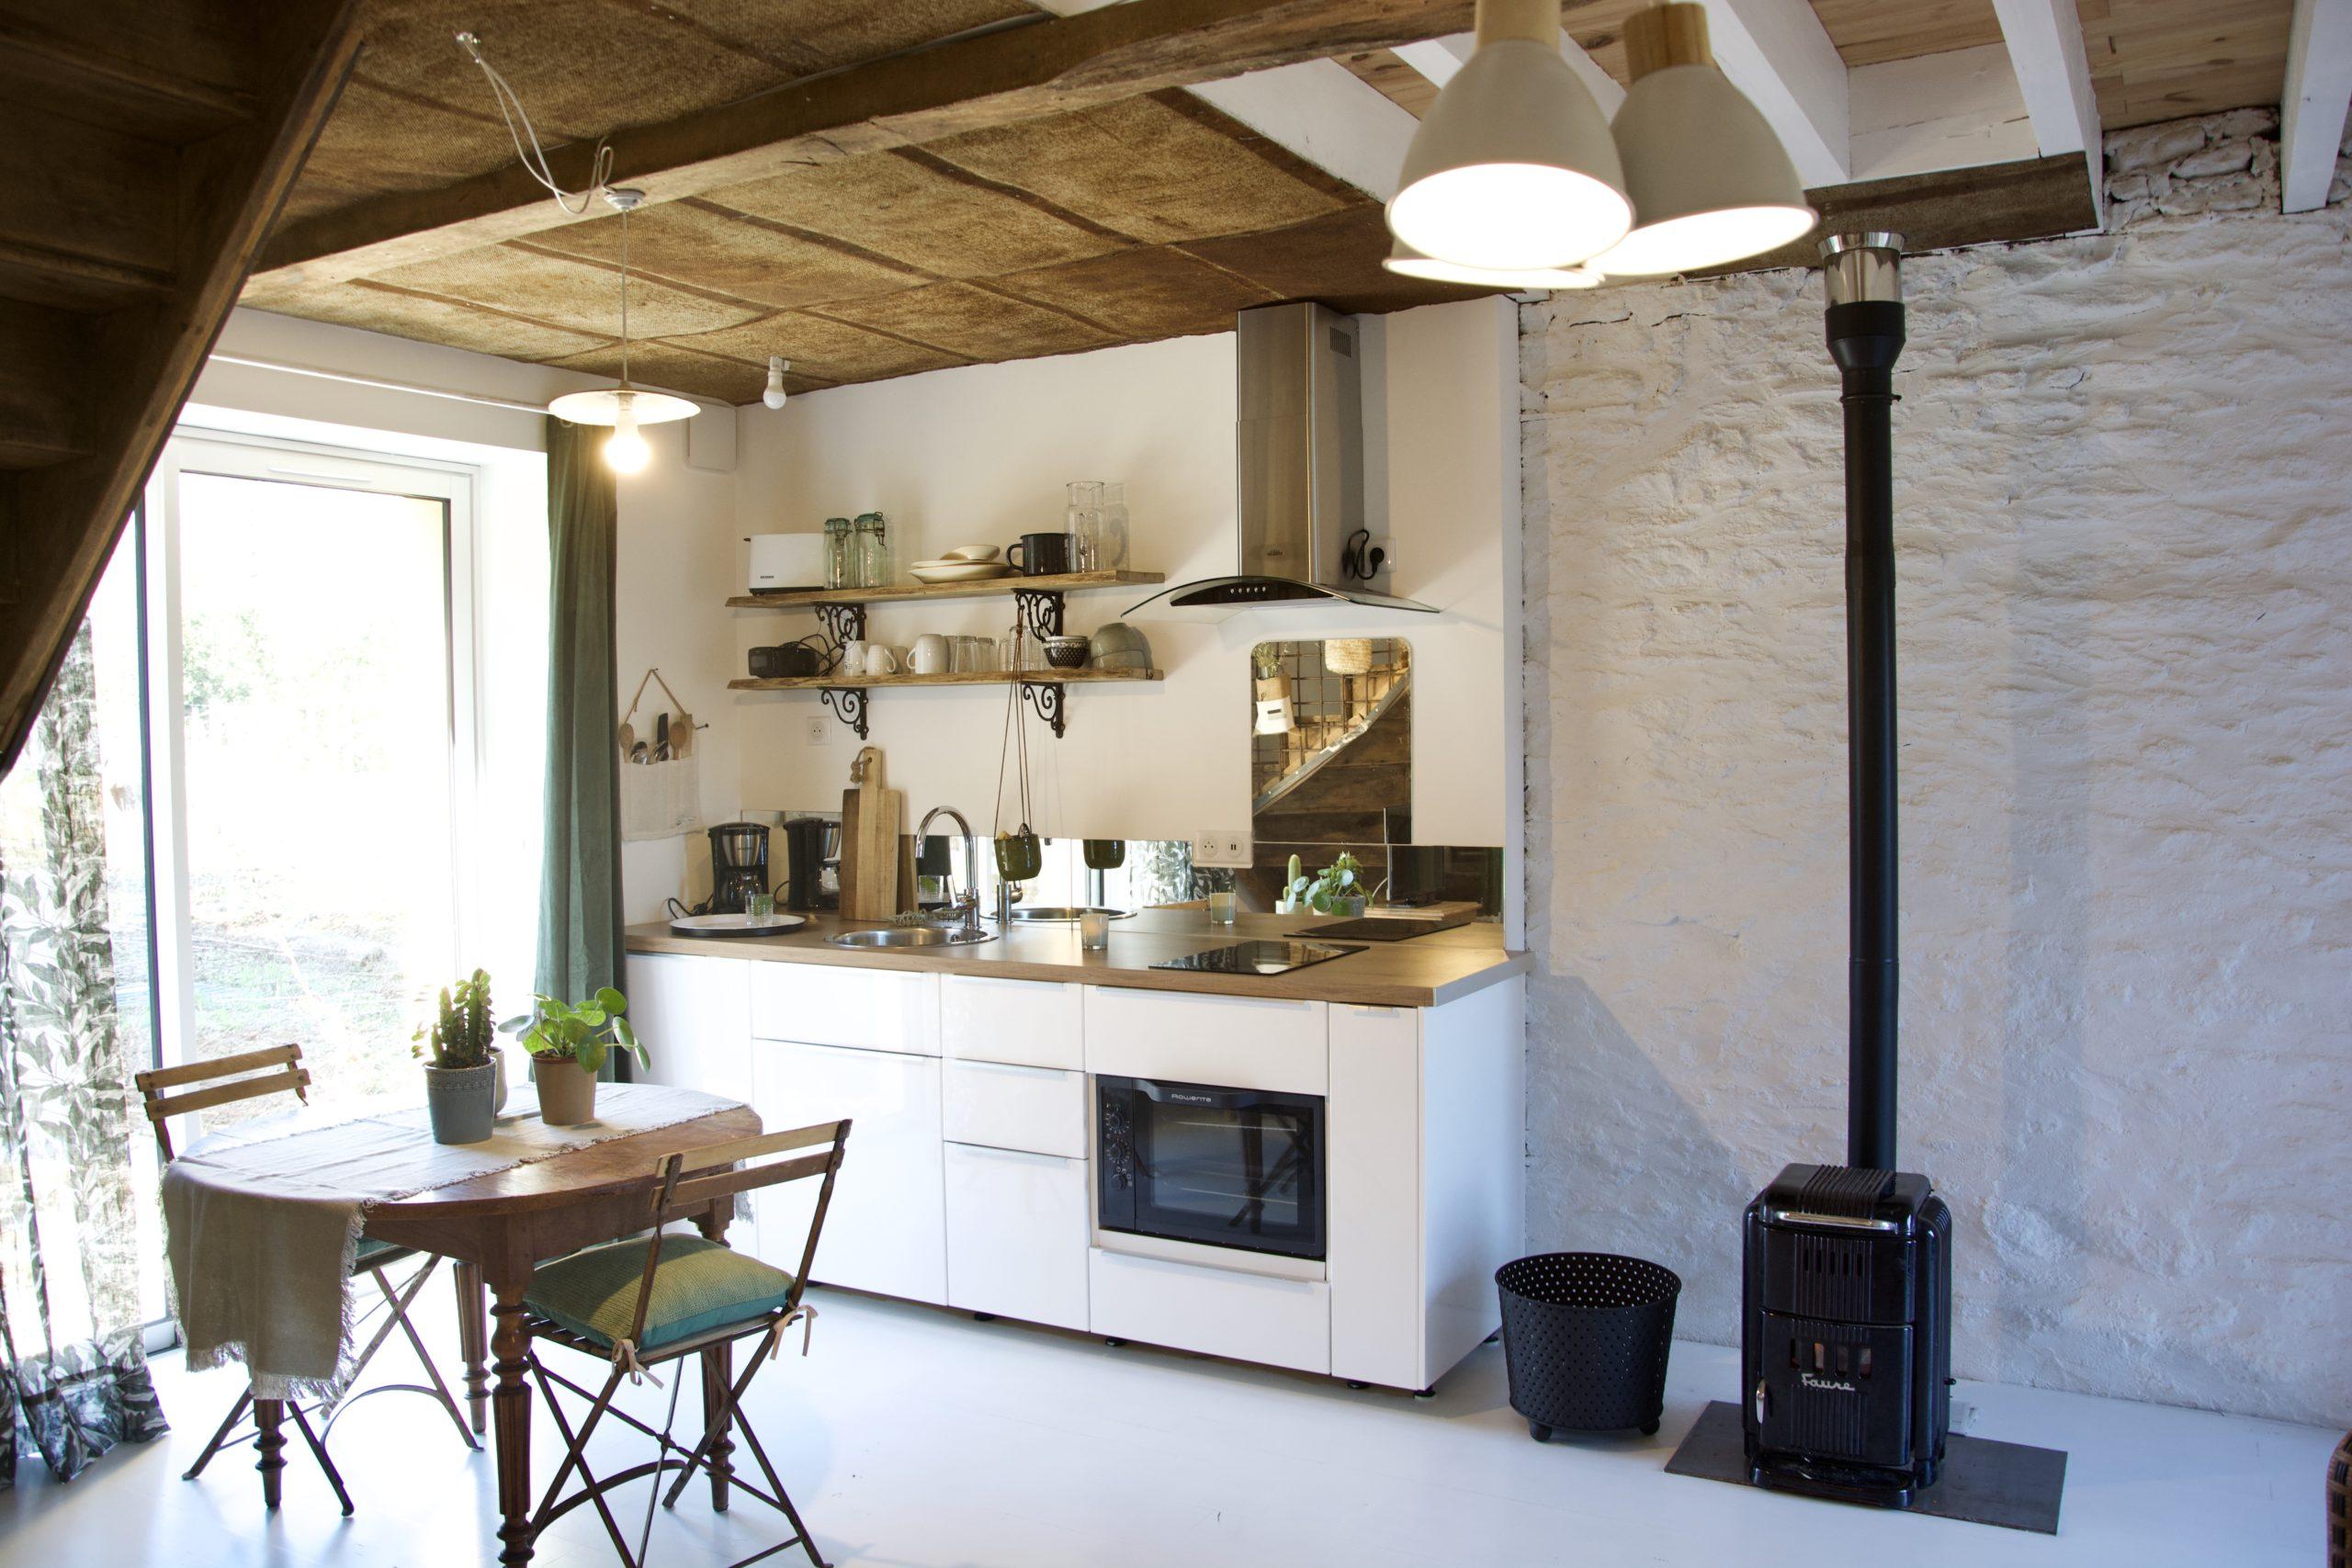 Cuisine gîte Le Petit Atelier - Atelier and Cow